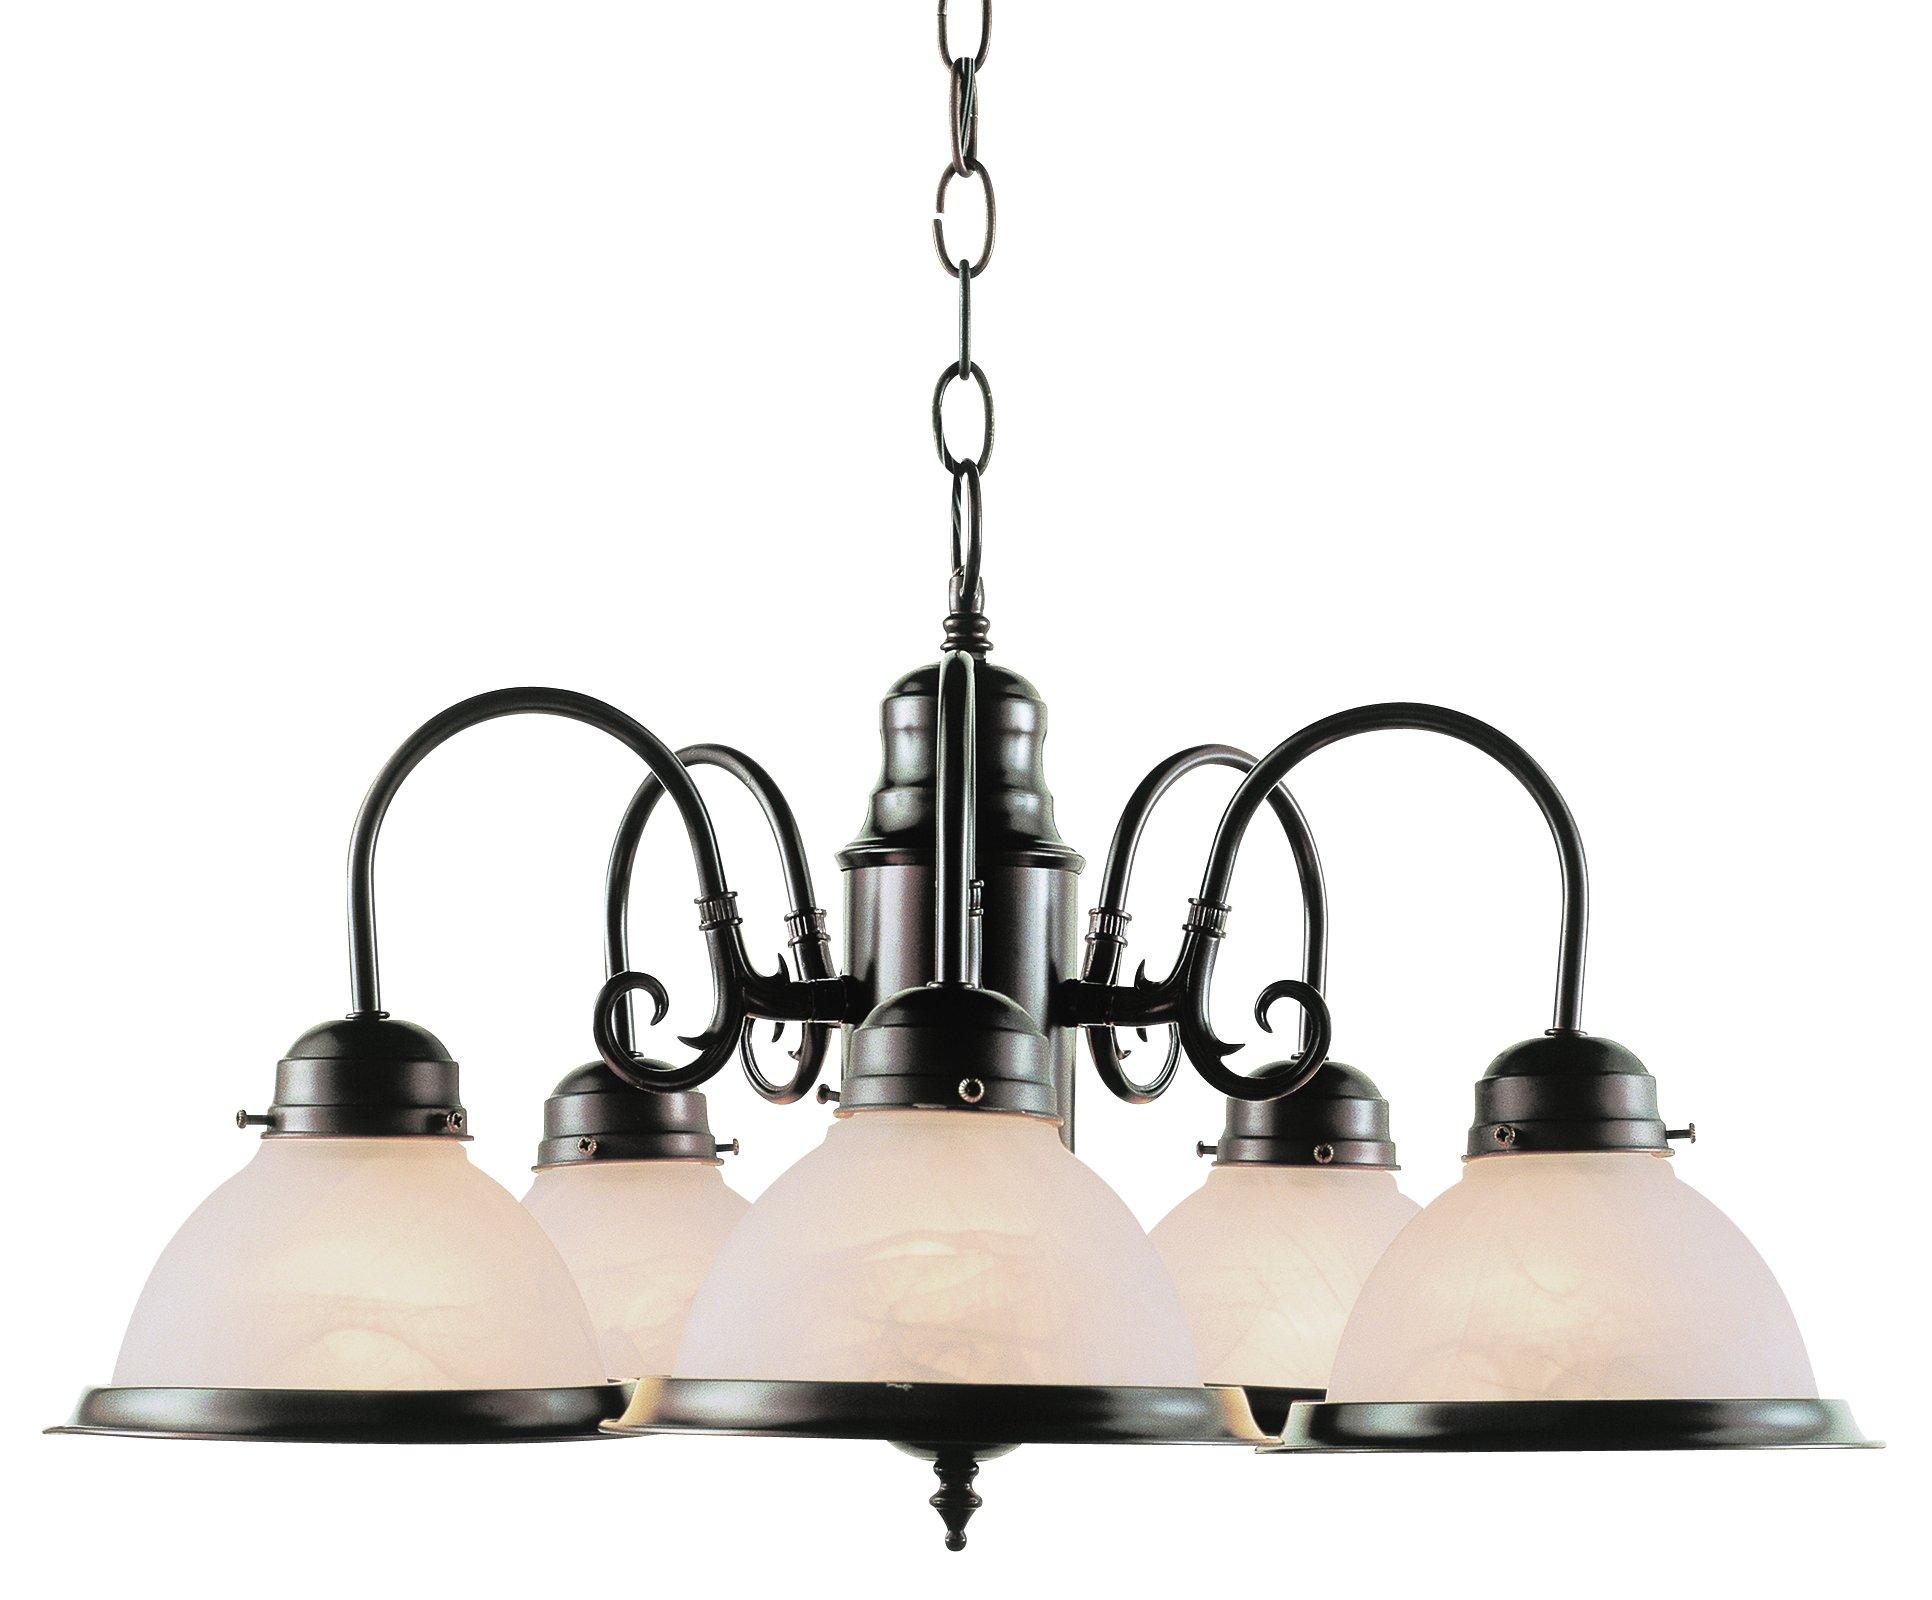 Trans Globe Lighting 1092 ROB Indoor Baldwin 23'' Chandelier, Rubbed Oil Bronze by Bel Air Lighting